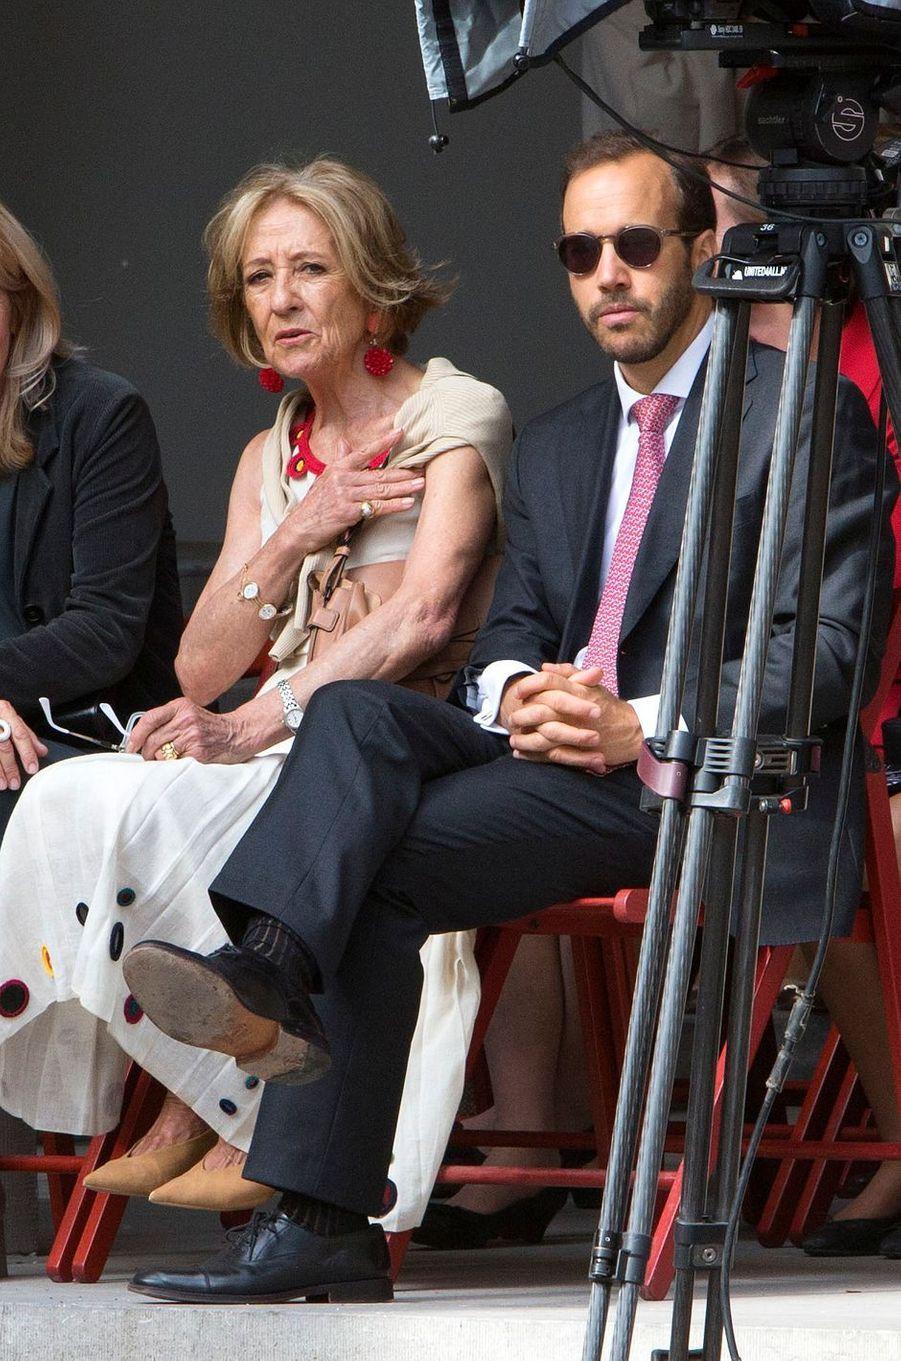 Maria del Carmen Cerruti Carricart et Juan Zorreguieta, la mère et l'un des frères de la reine Maxima des Pays-Bas, à La Haye le 18 septembre 2018